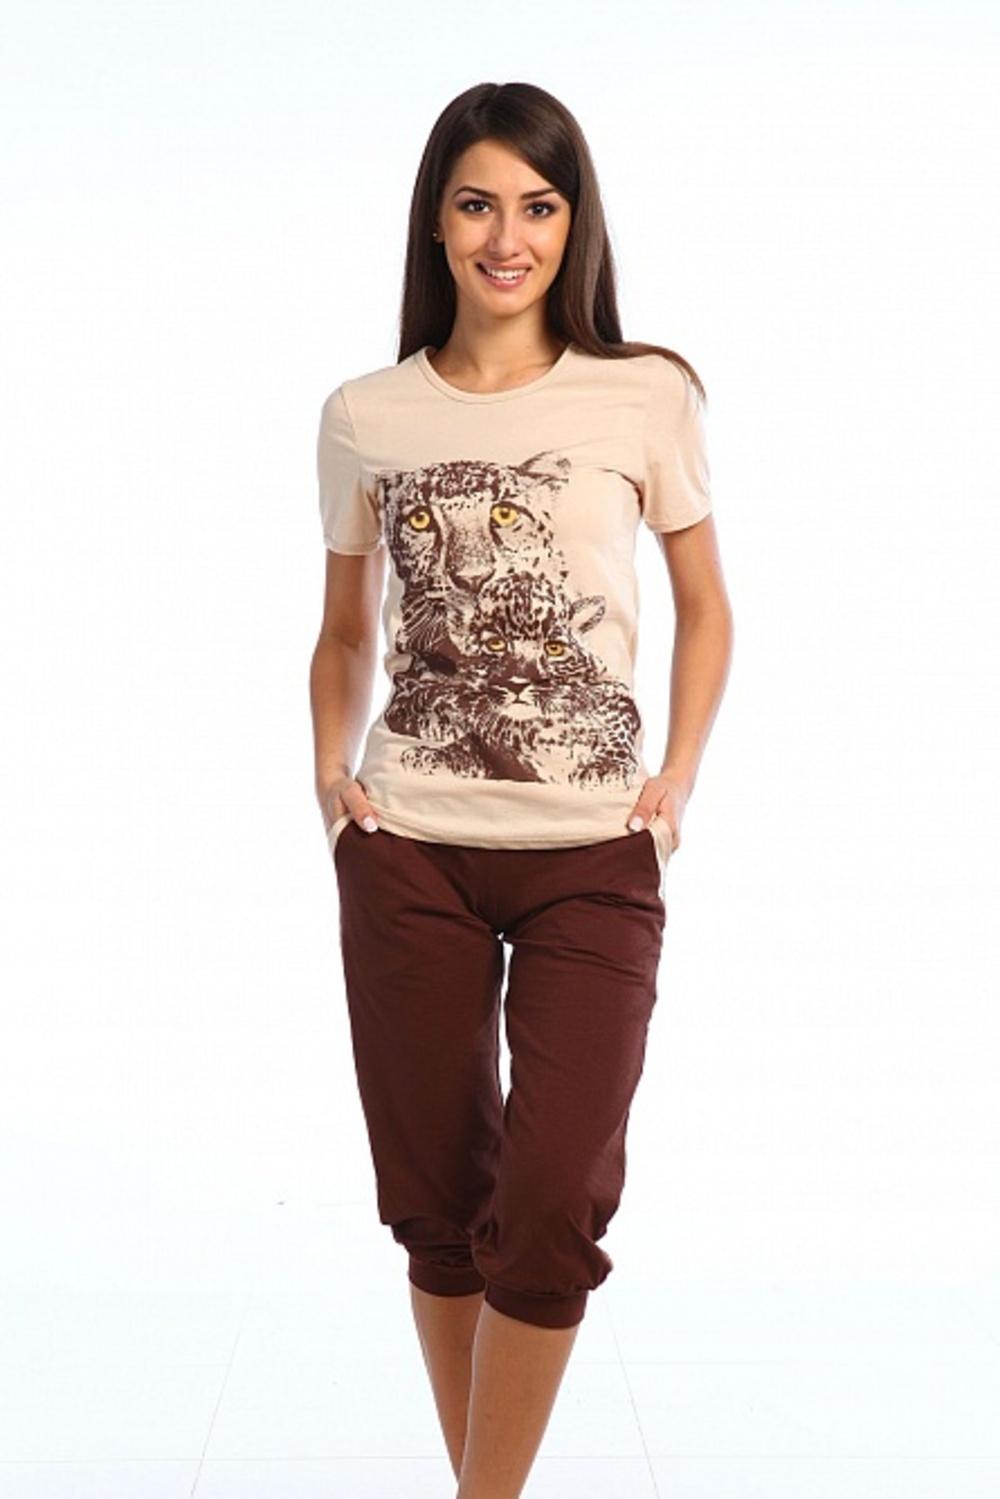 Комплект женский Леопард футболка и бриджиДомашние комплекты, костюмы<br><br><br>Размер: 50